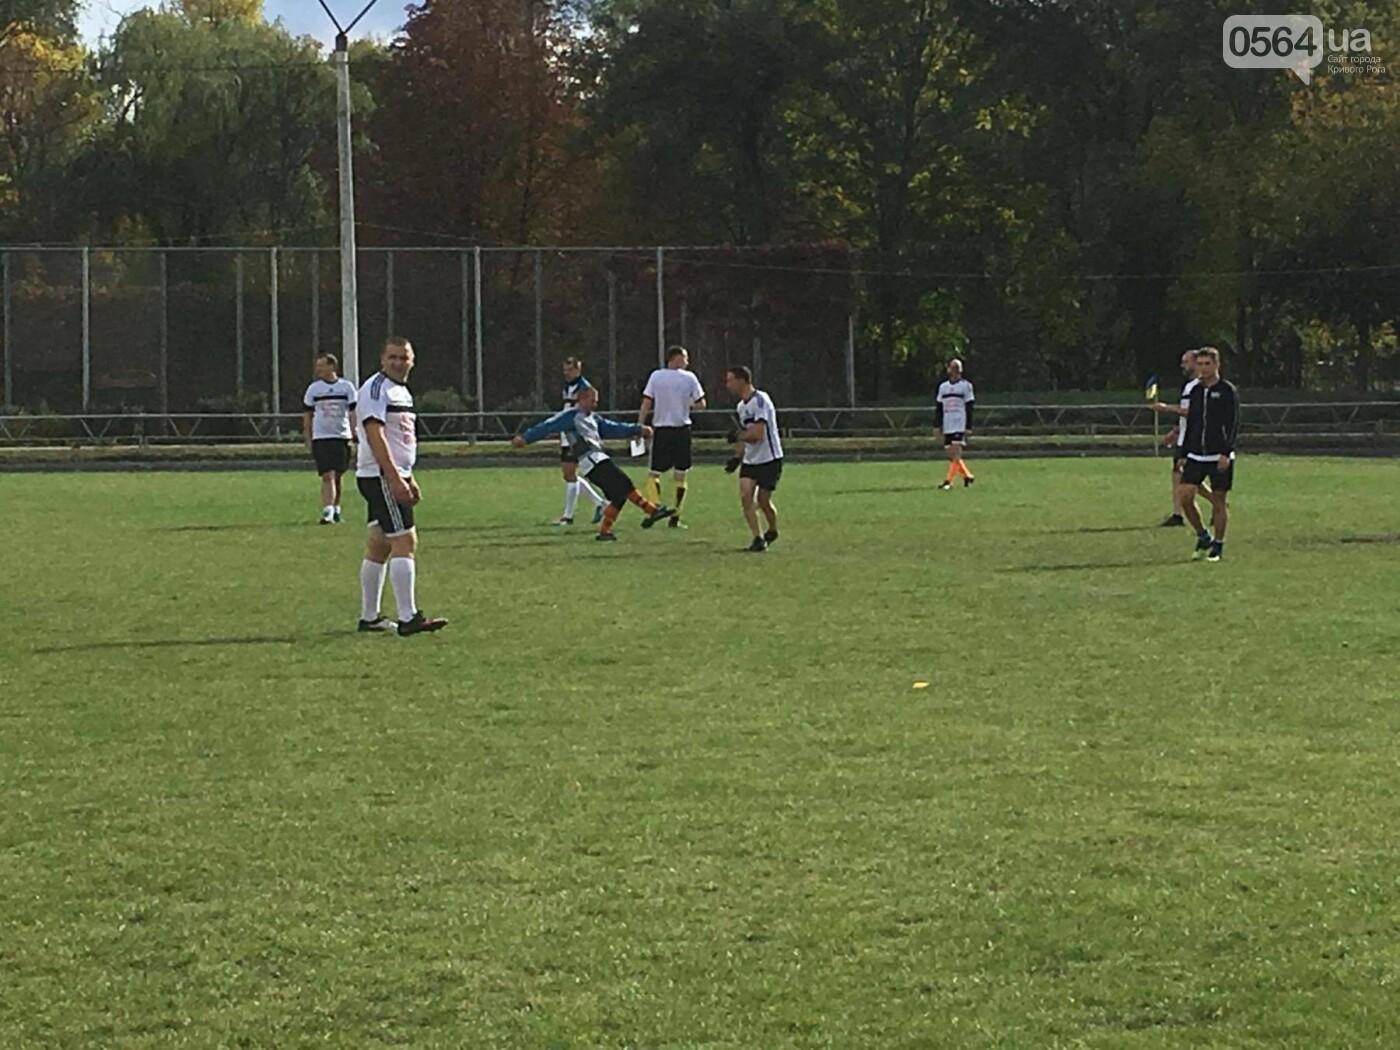 Криворожане пришли на футбольный матч чтобы поддержать бойцов АТО (ФОТО, ВИДЕО), фото-13